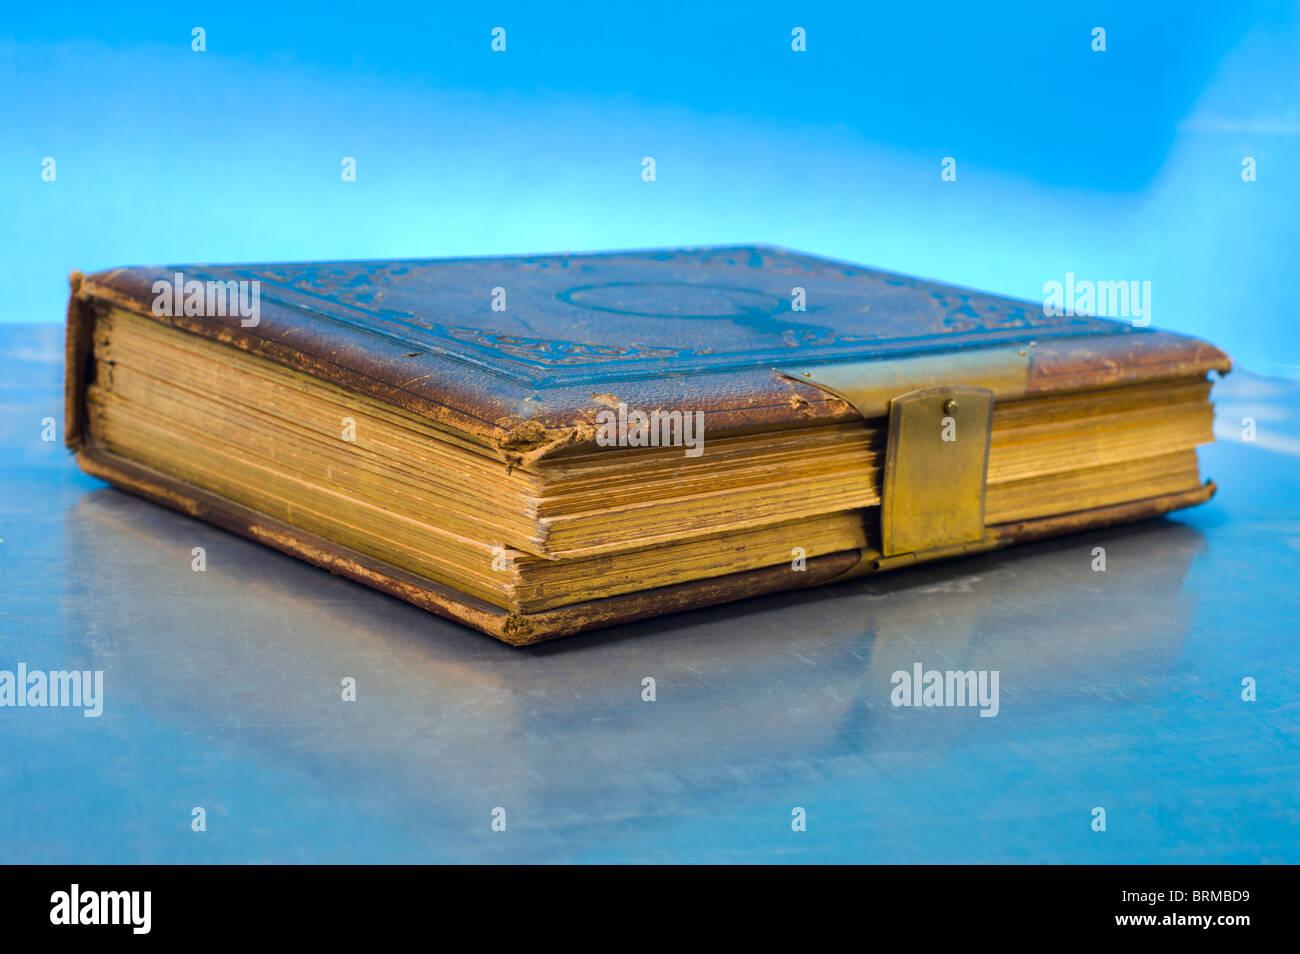 Grand vieux symbole de livre d'or fond bleu symbolique ancienne bible d'or journal lumineux studio shot Photo Stock